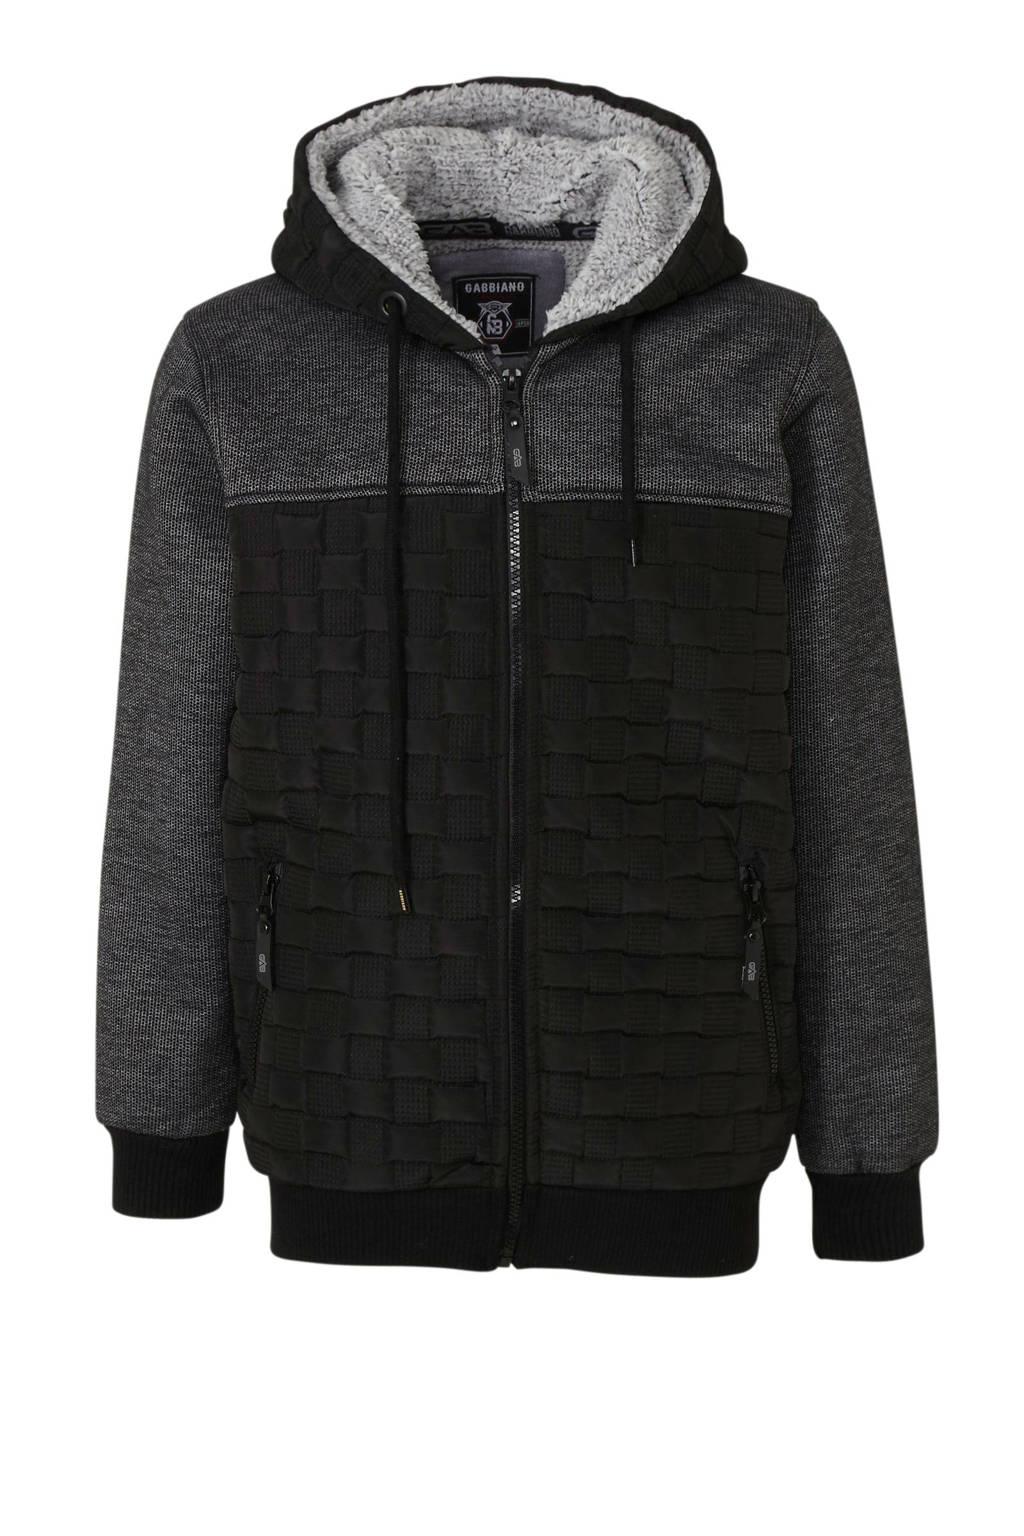 GABBIANO vest met all over print zwart/grijs, Zwart/grijs